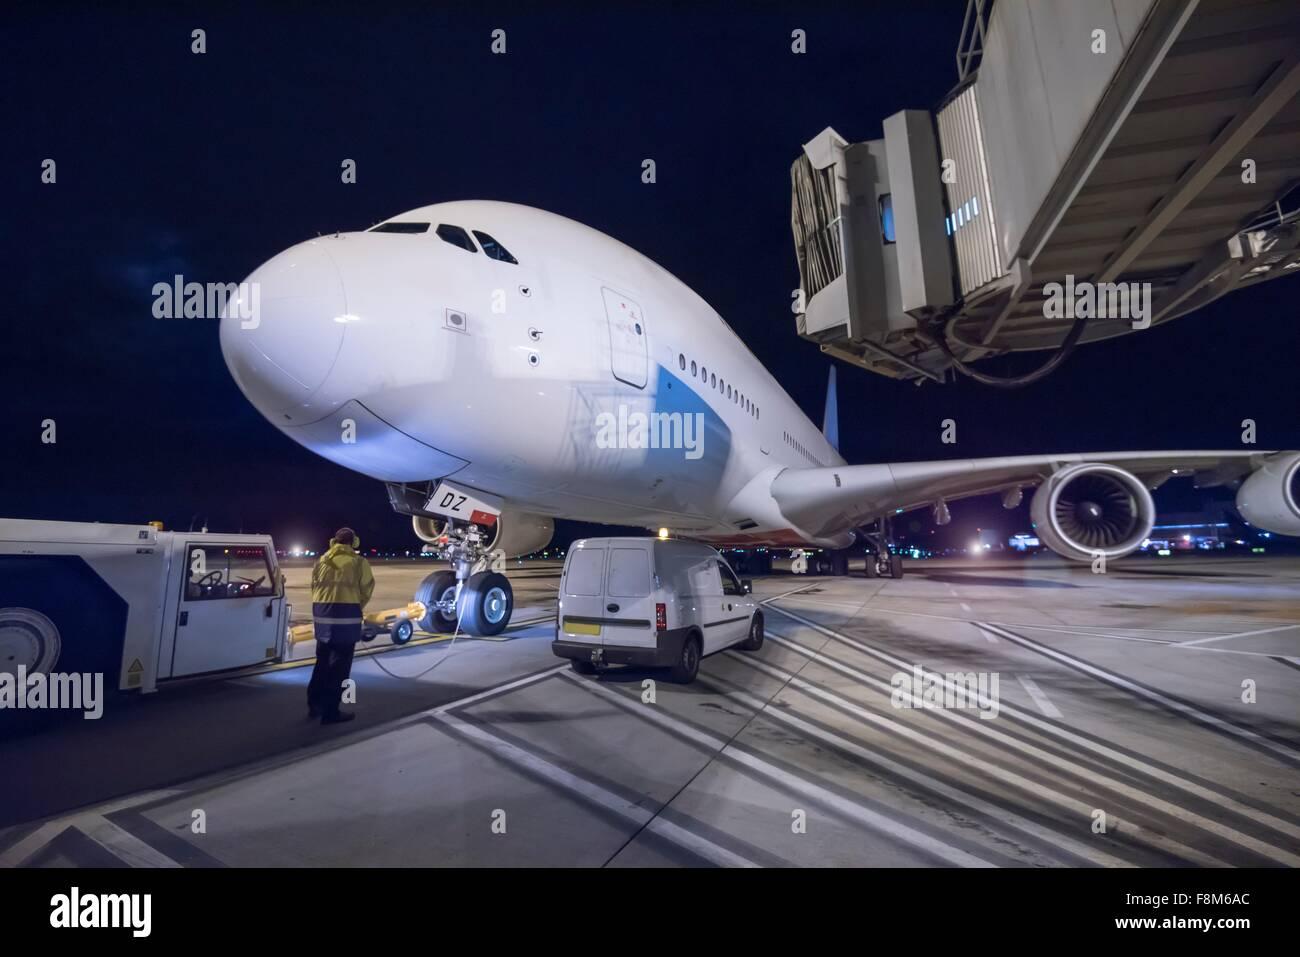 Ingénieur en chef à l'A380 sur la piste de nuit Photo Stock